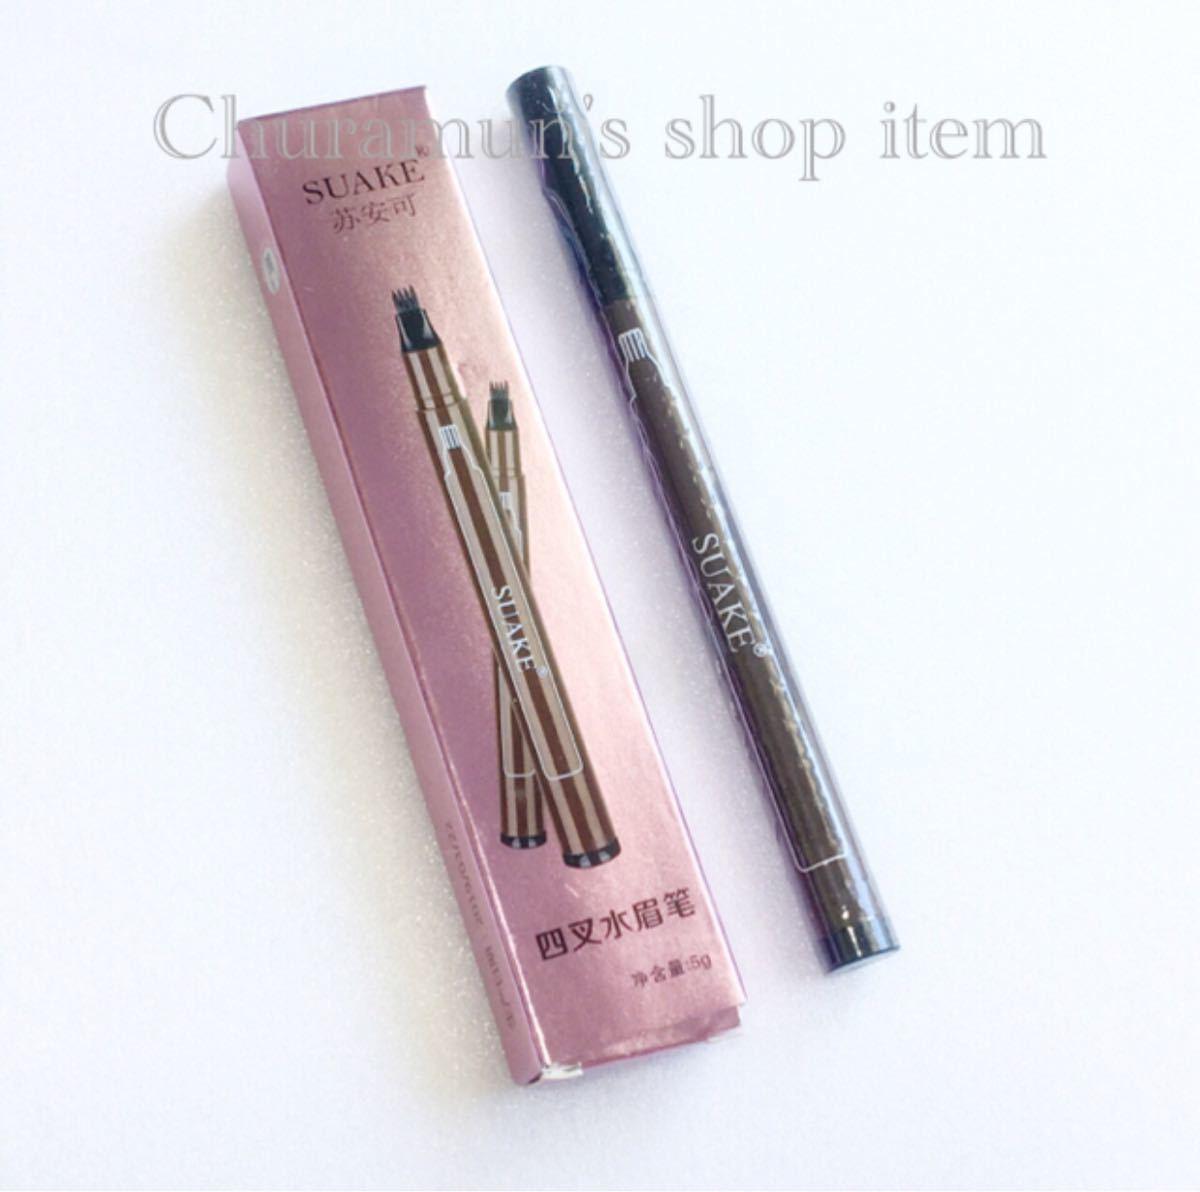 消えない眉 3Dアイブロウペン ■ 新品 ナチュラルブラウン 送料込み